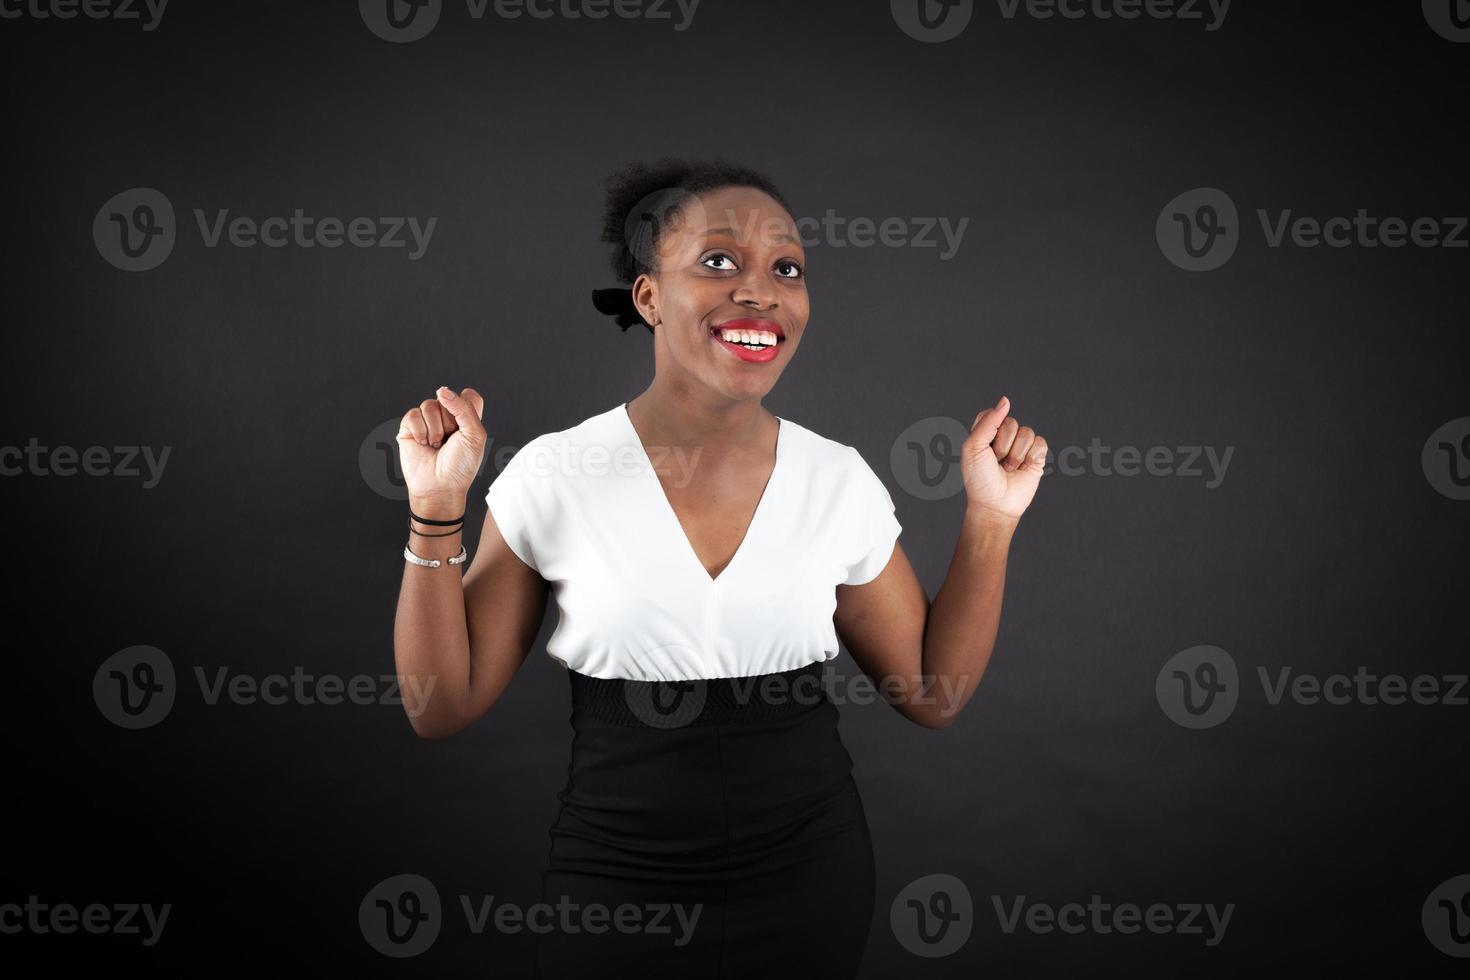 mulher bonita fazendo expressões diferentes em diferentes conjuntos de roupas foto